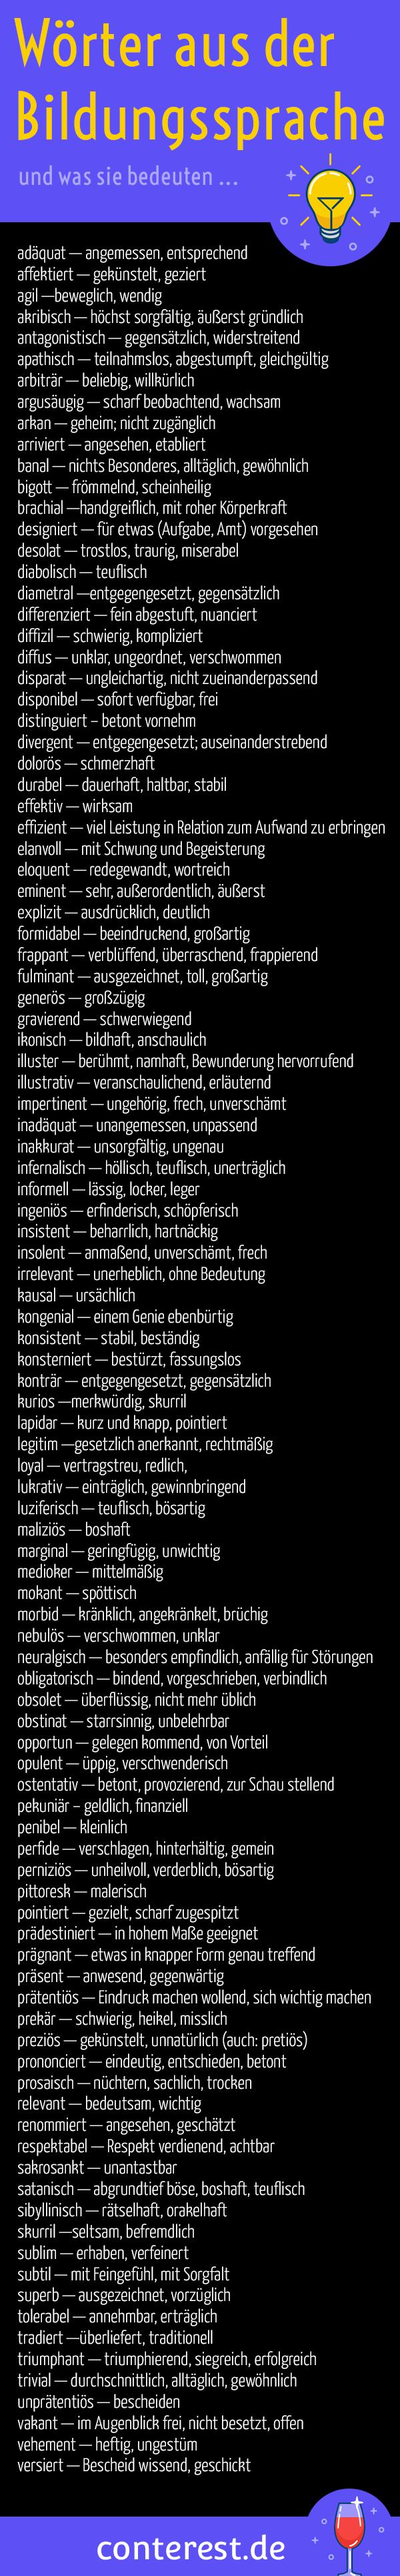 99 Wörter aus der Bildungssprache für spannendere Texte   Learn ...